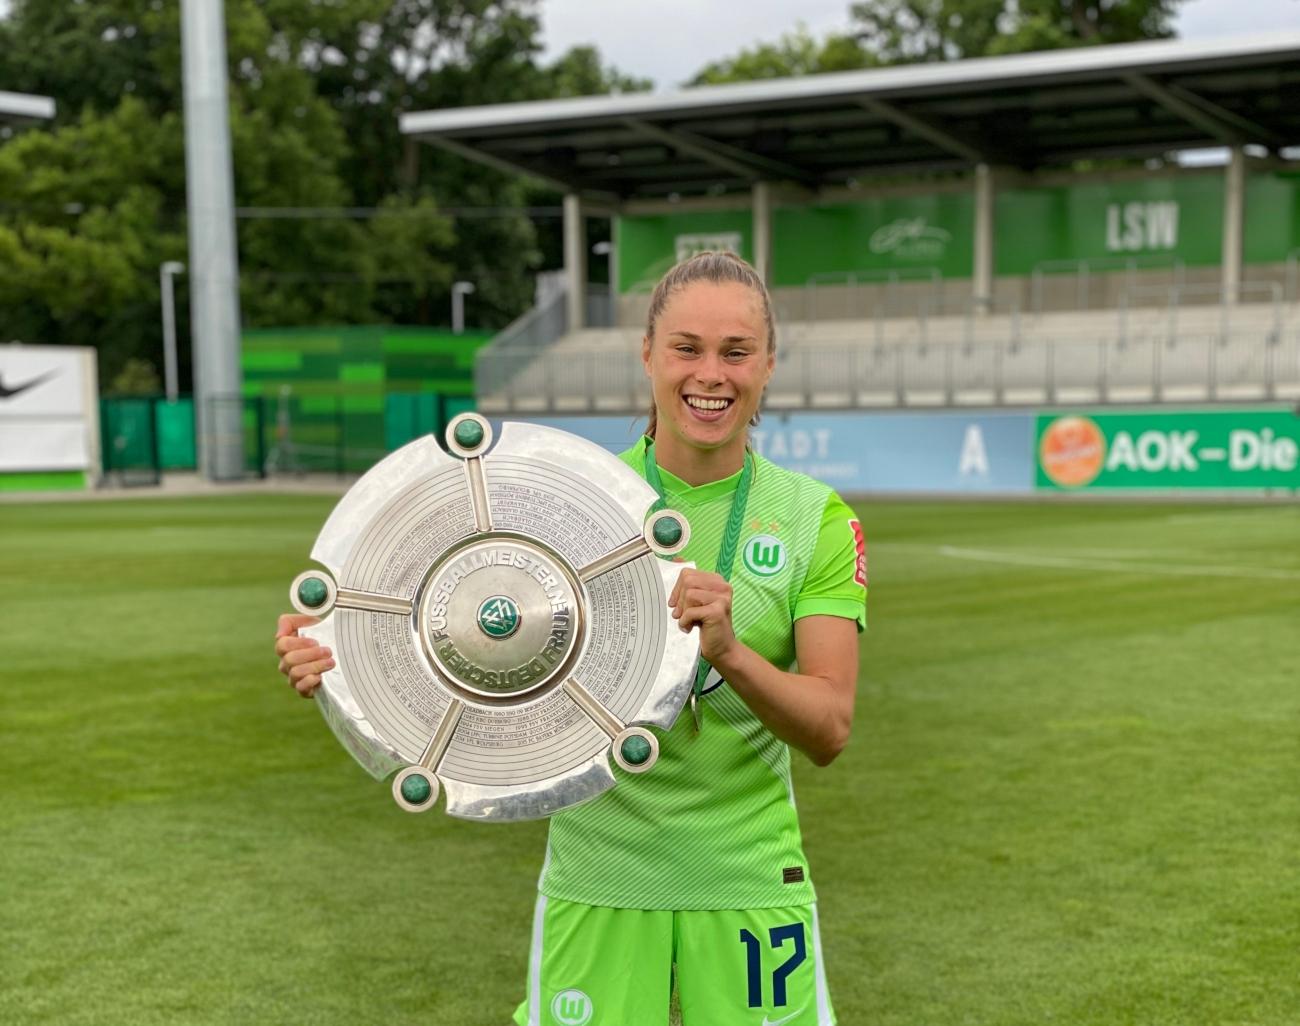 Piłkarka Ewa Pajor zdobyła swoje kolejne Mistrzostwo Niemiec